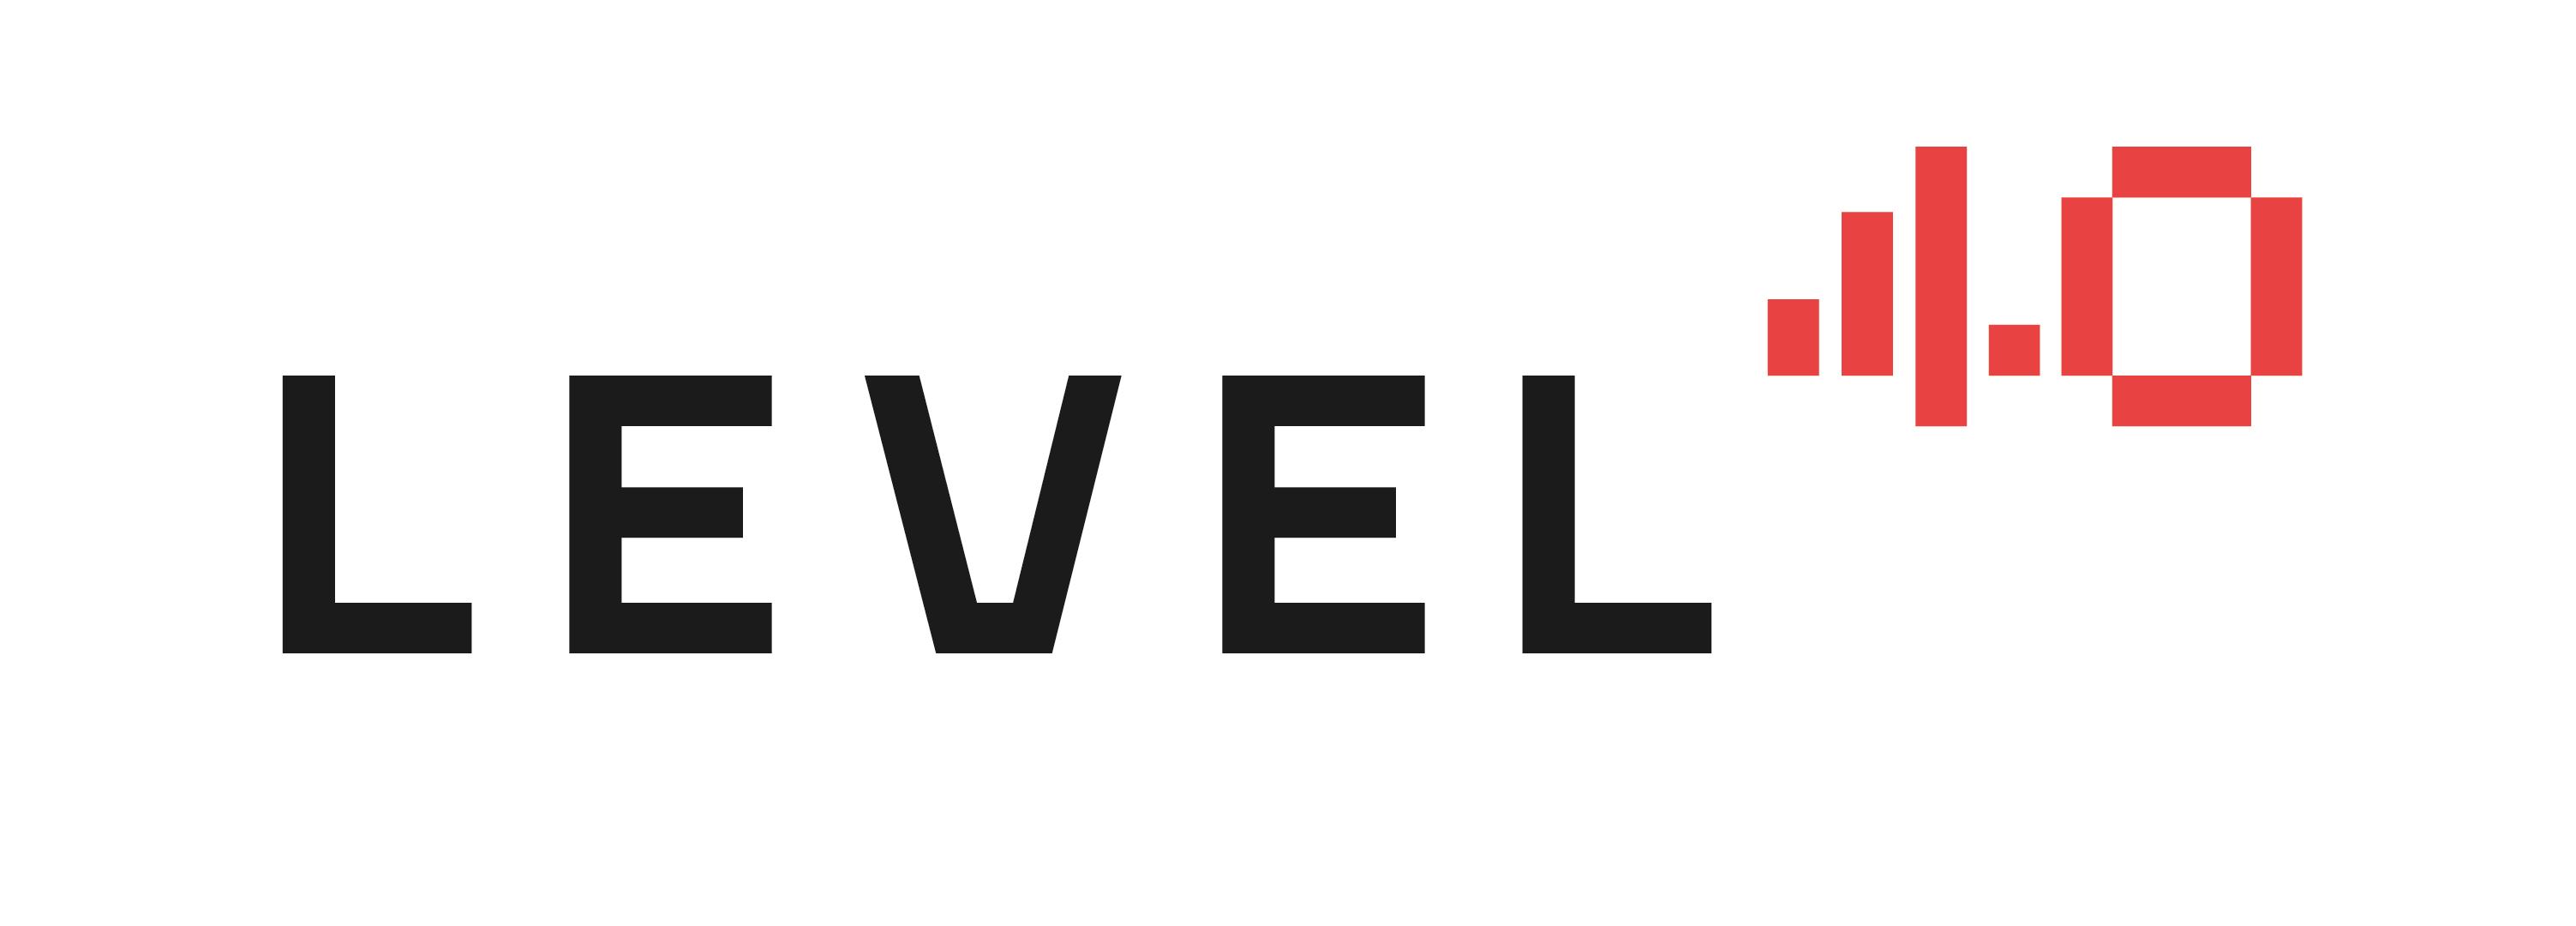 Biuro Prasowe LEVEL 4.0 logo